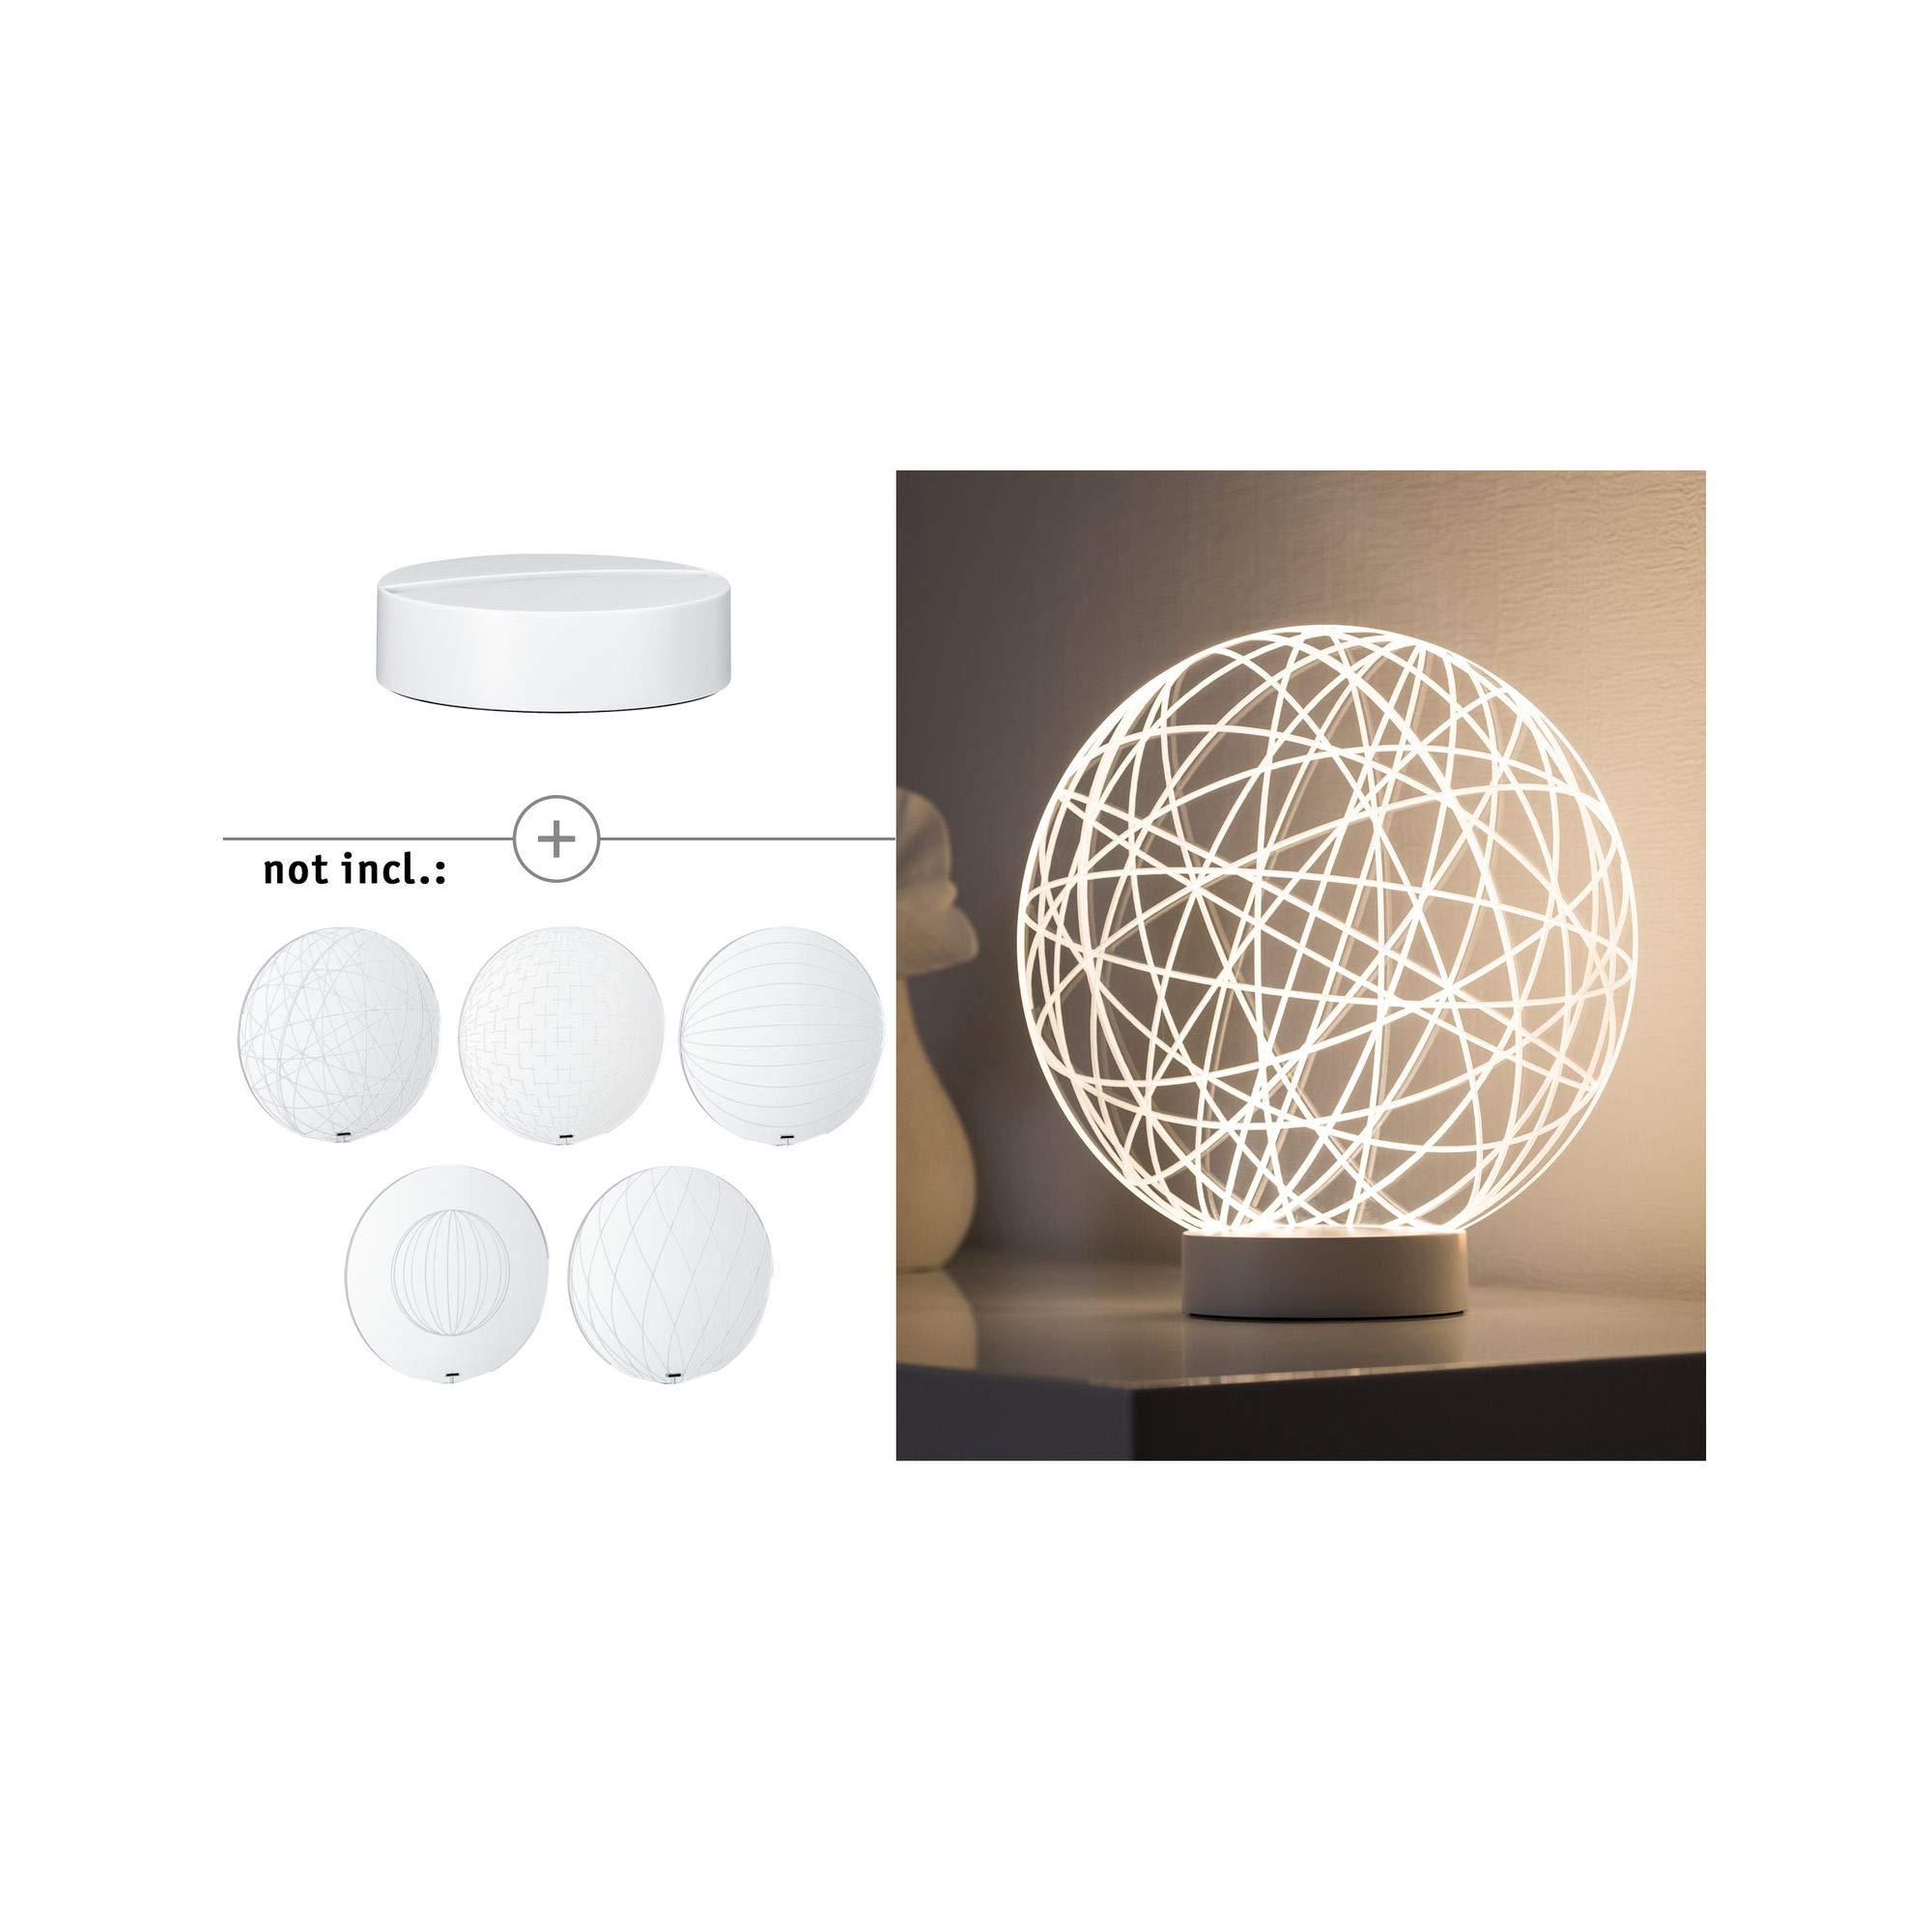 ポールマンバーマン795.35 3D基本テーブルランプアルミホワイトマット79535装飾ライト間接照明ムードライトナイトライト